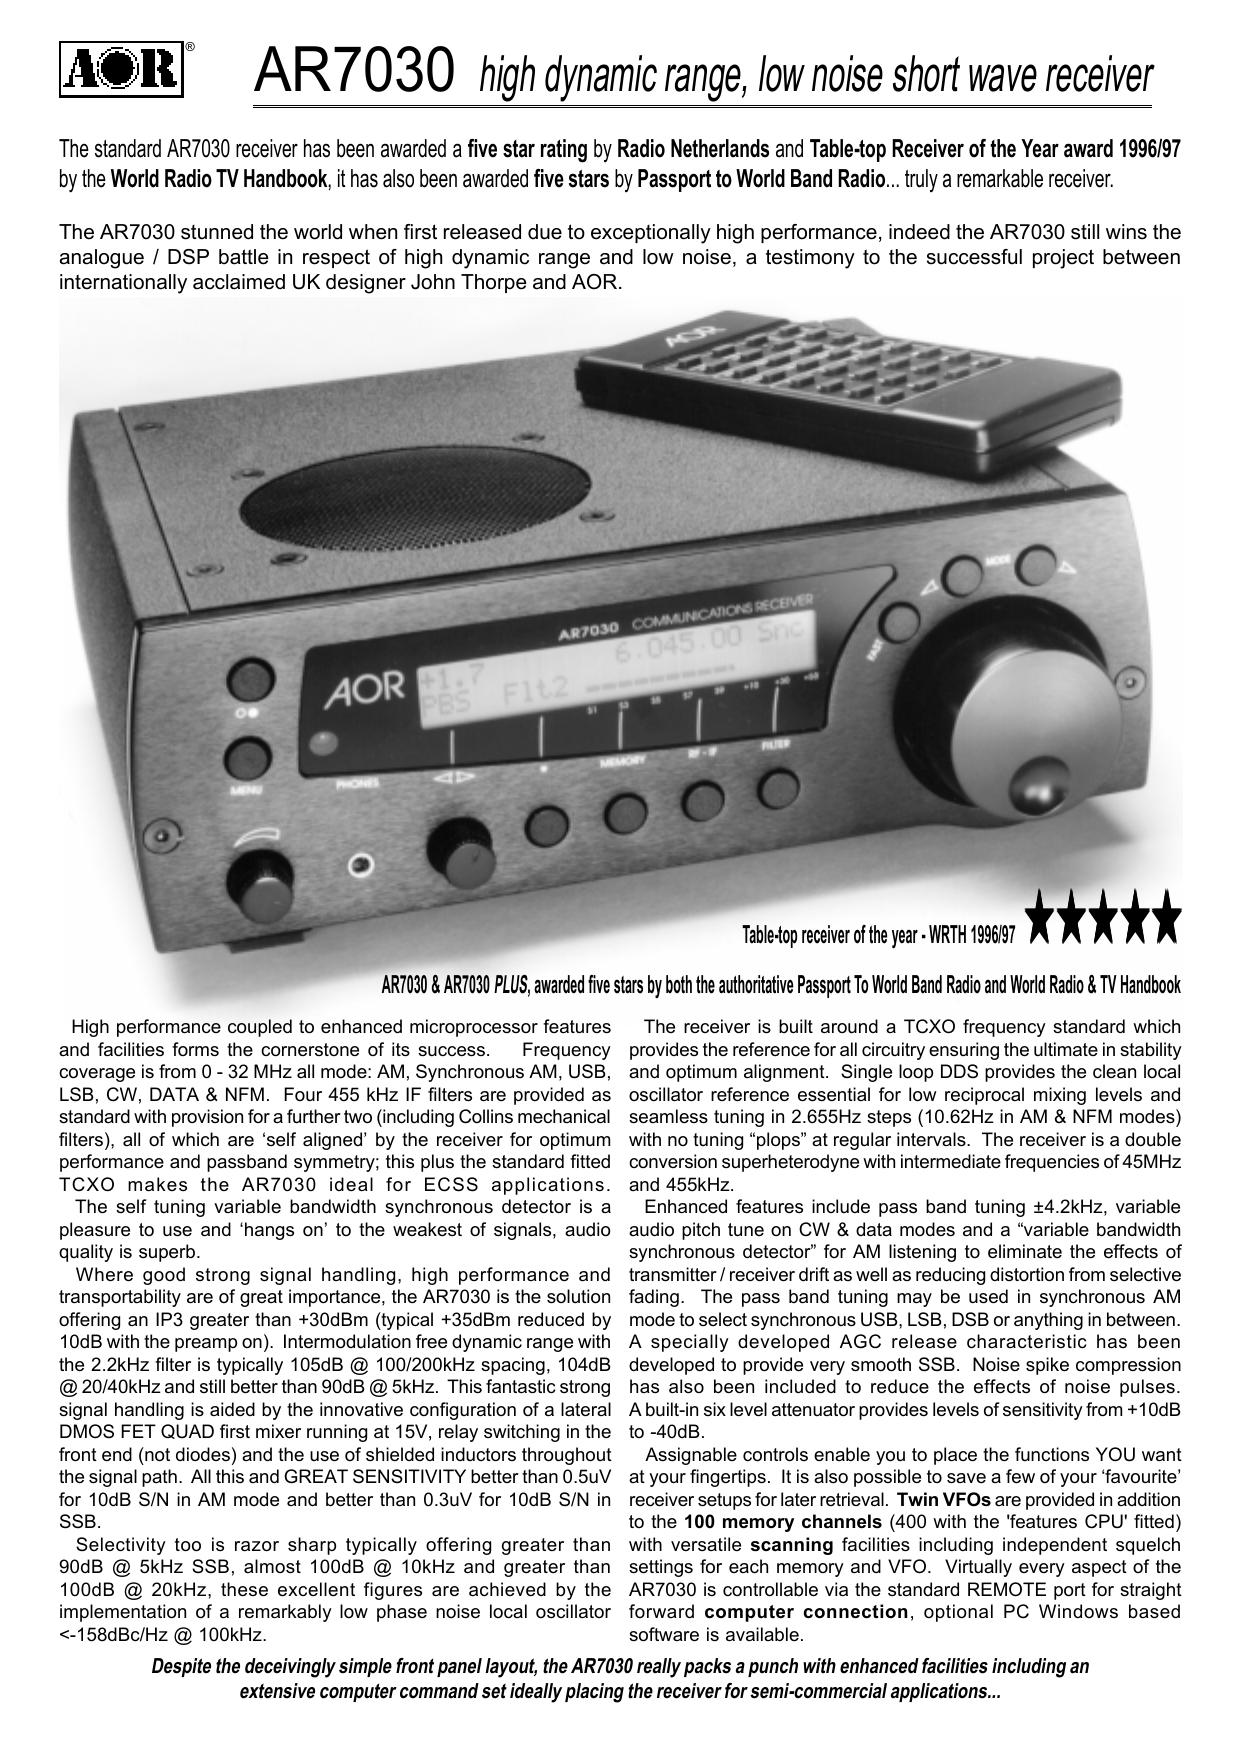 AOR AR-7030 (Plus) data sheet   manualzz com